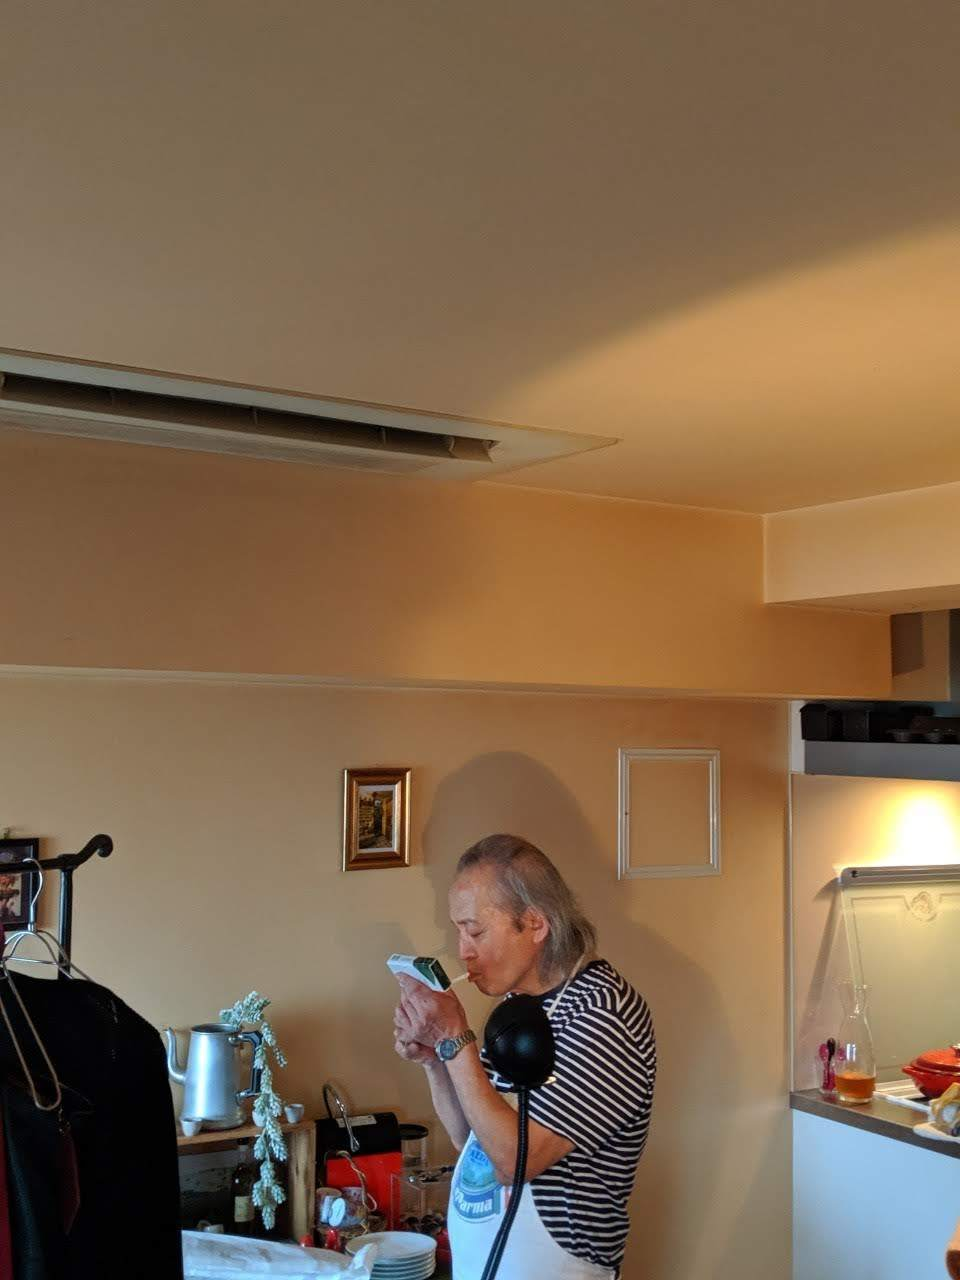 おいしすぎた茄子の前菜と、フレンチ定番メニューの極意【サン・ファソン、本多シェフの特別レッスン】_b0345136_00163145.jpg